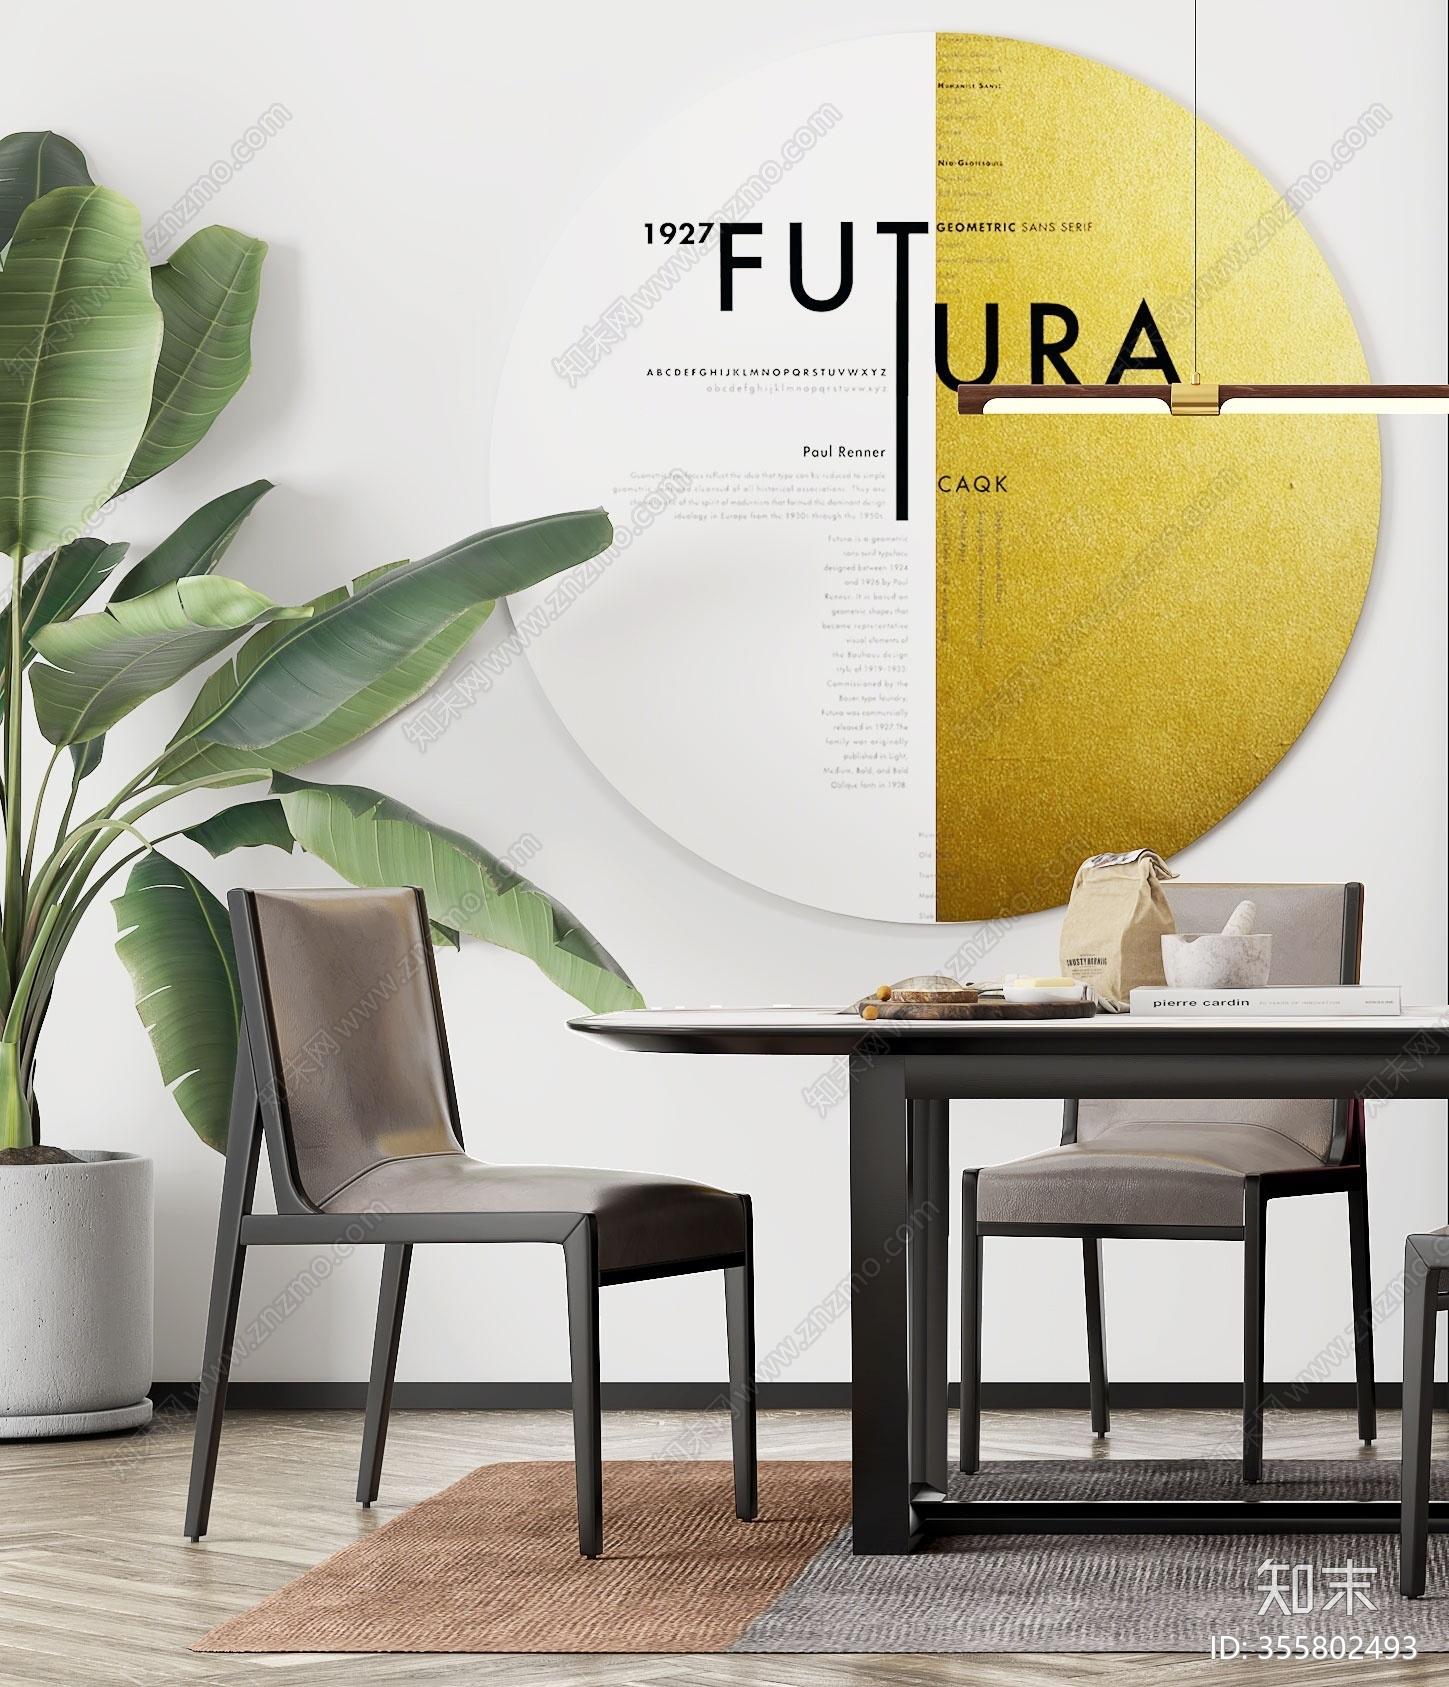 现代餐桌椅组合3D模型下载【ID:355802493】